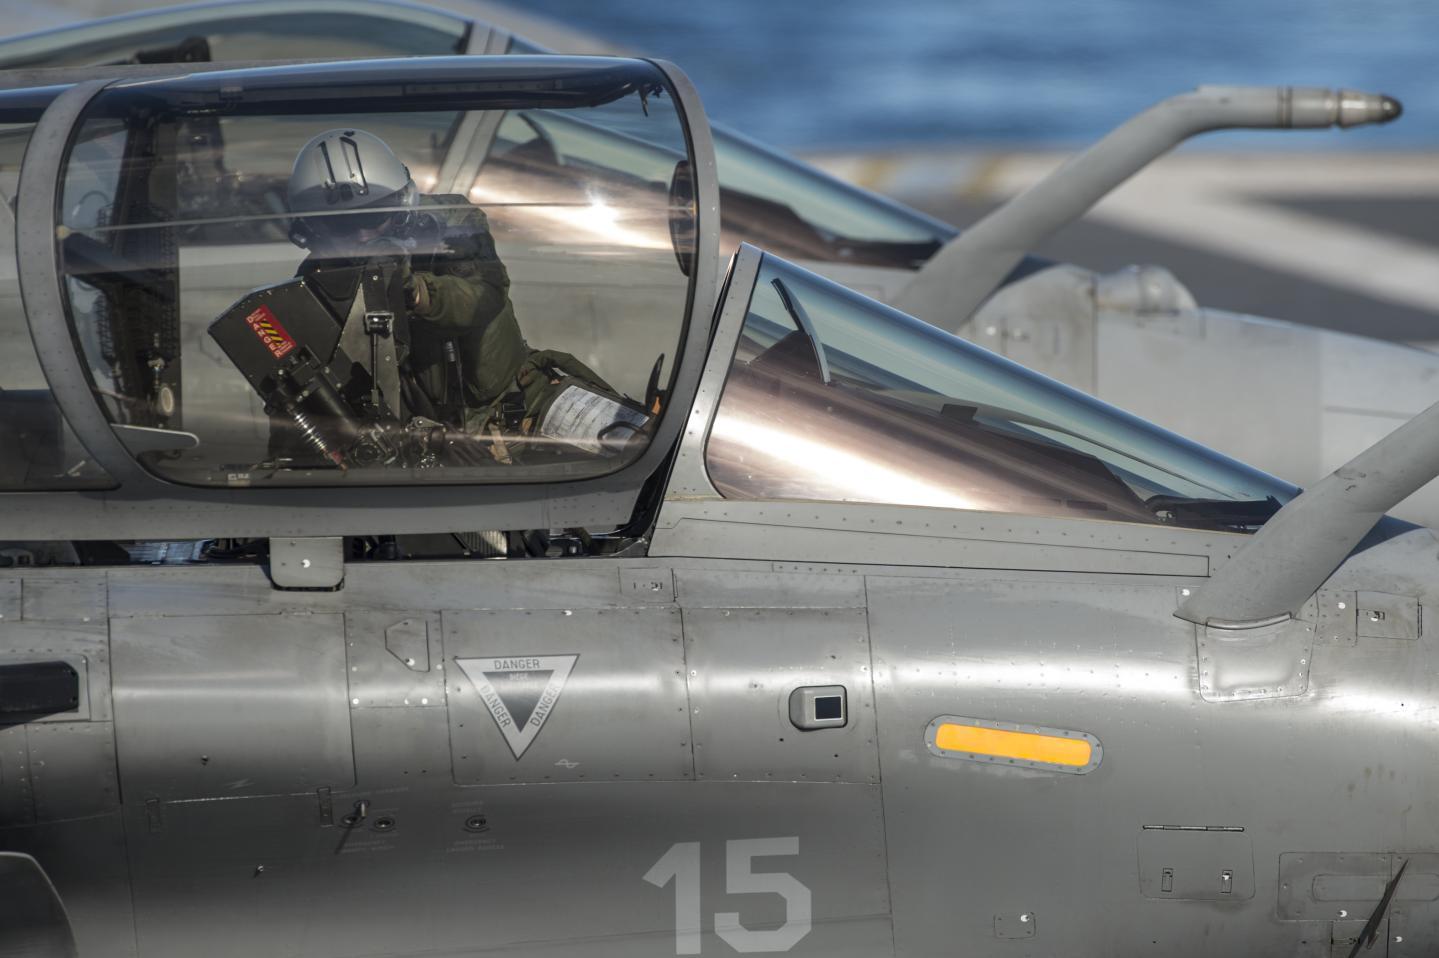 marine et aéronavale 2016mpar012_002_043